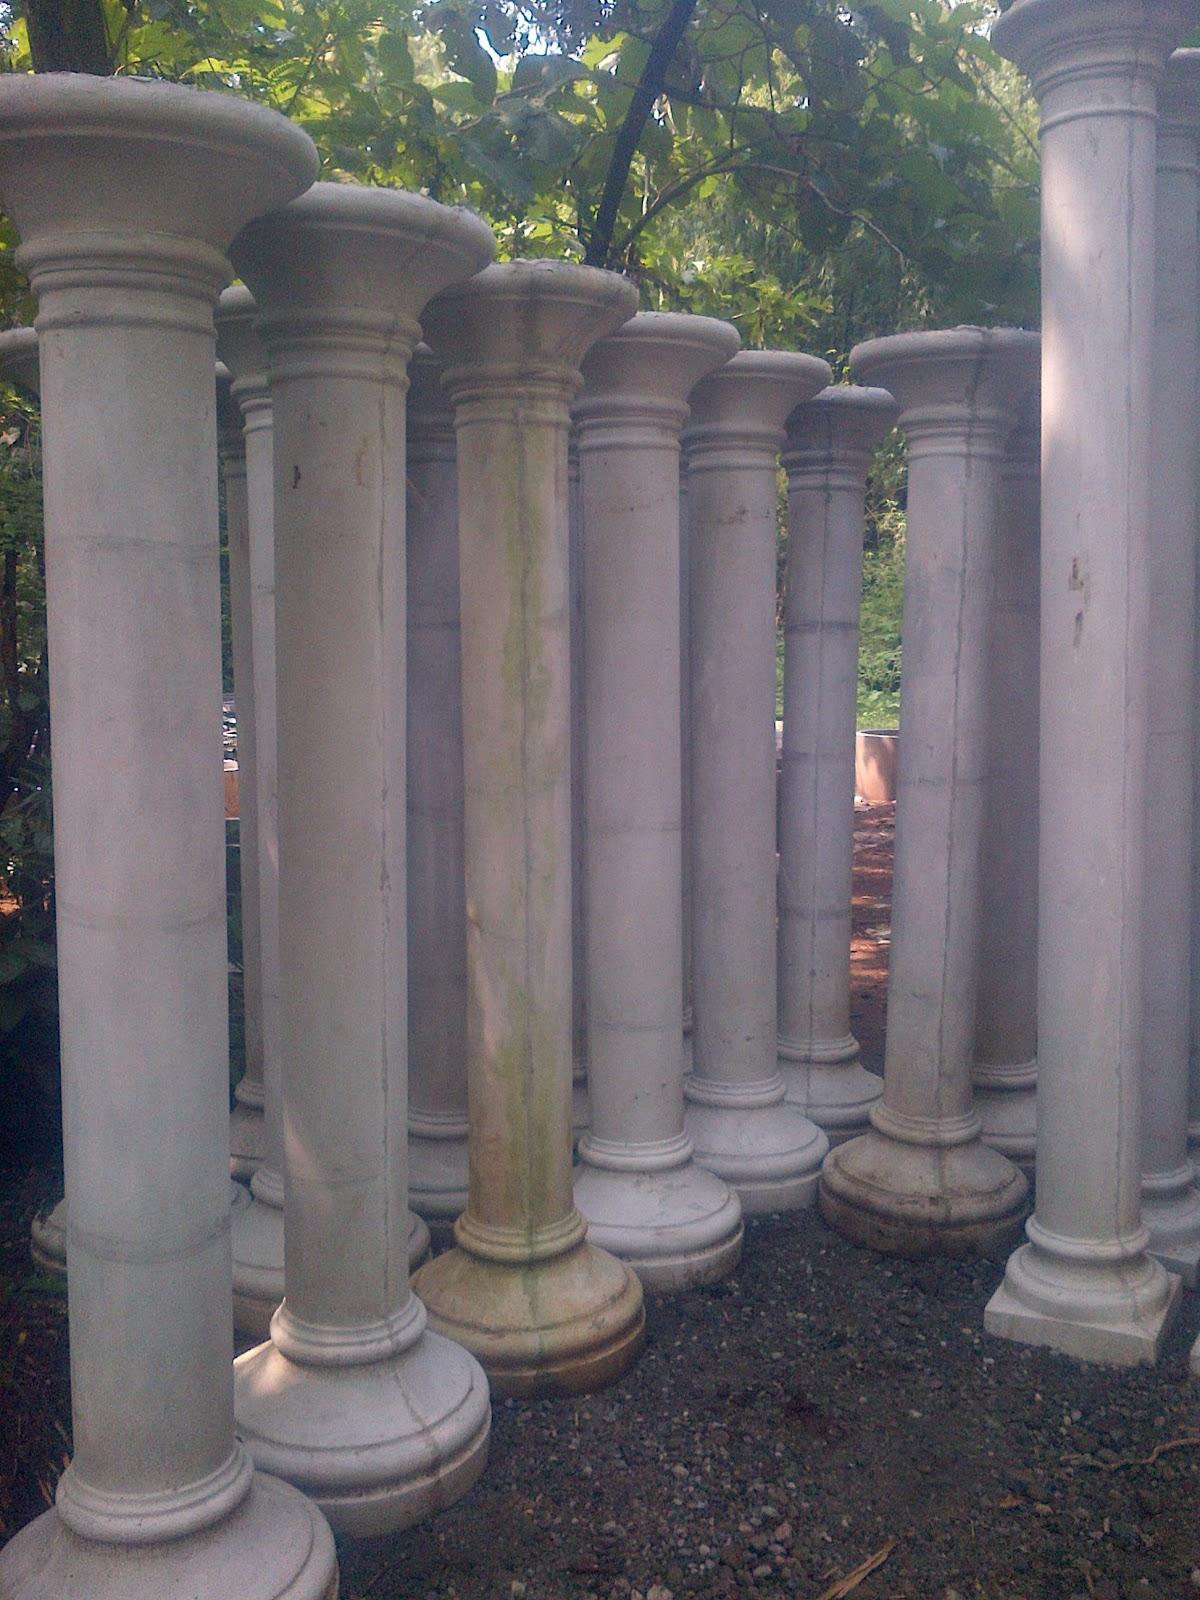 sanjaya profil beton pilar blombong tiang teras rumah